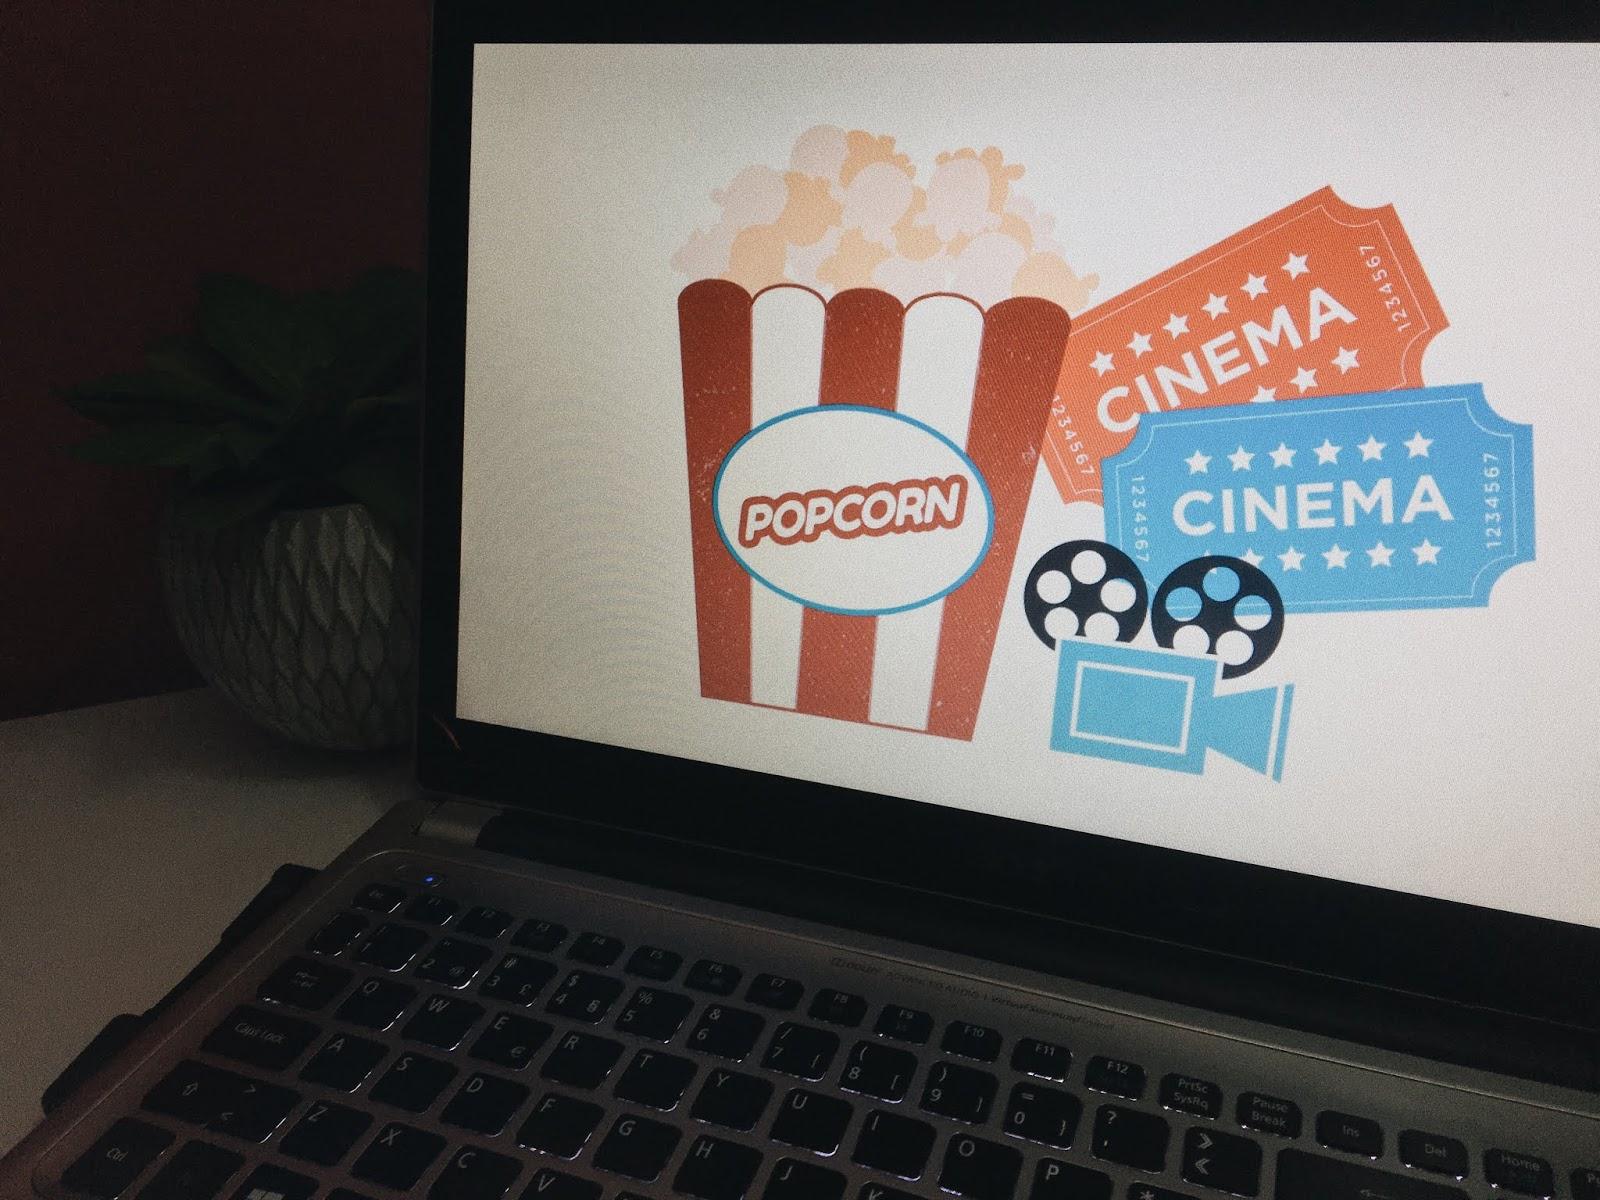 3(+1) Filmes que adorei ver no cinema em 2018!